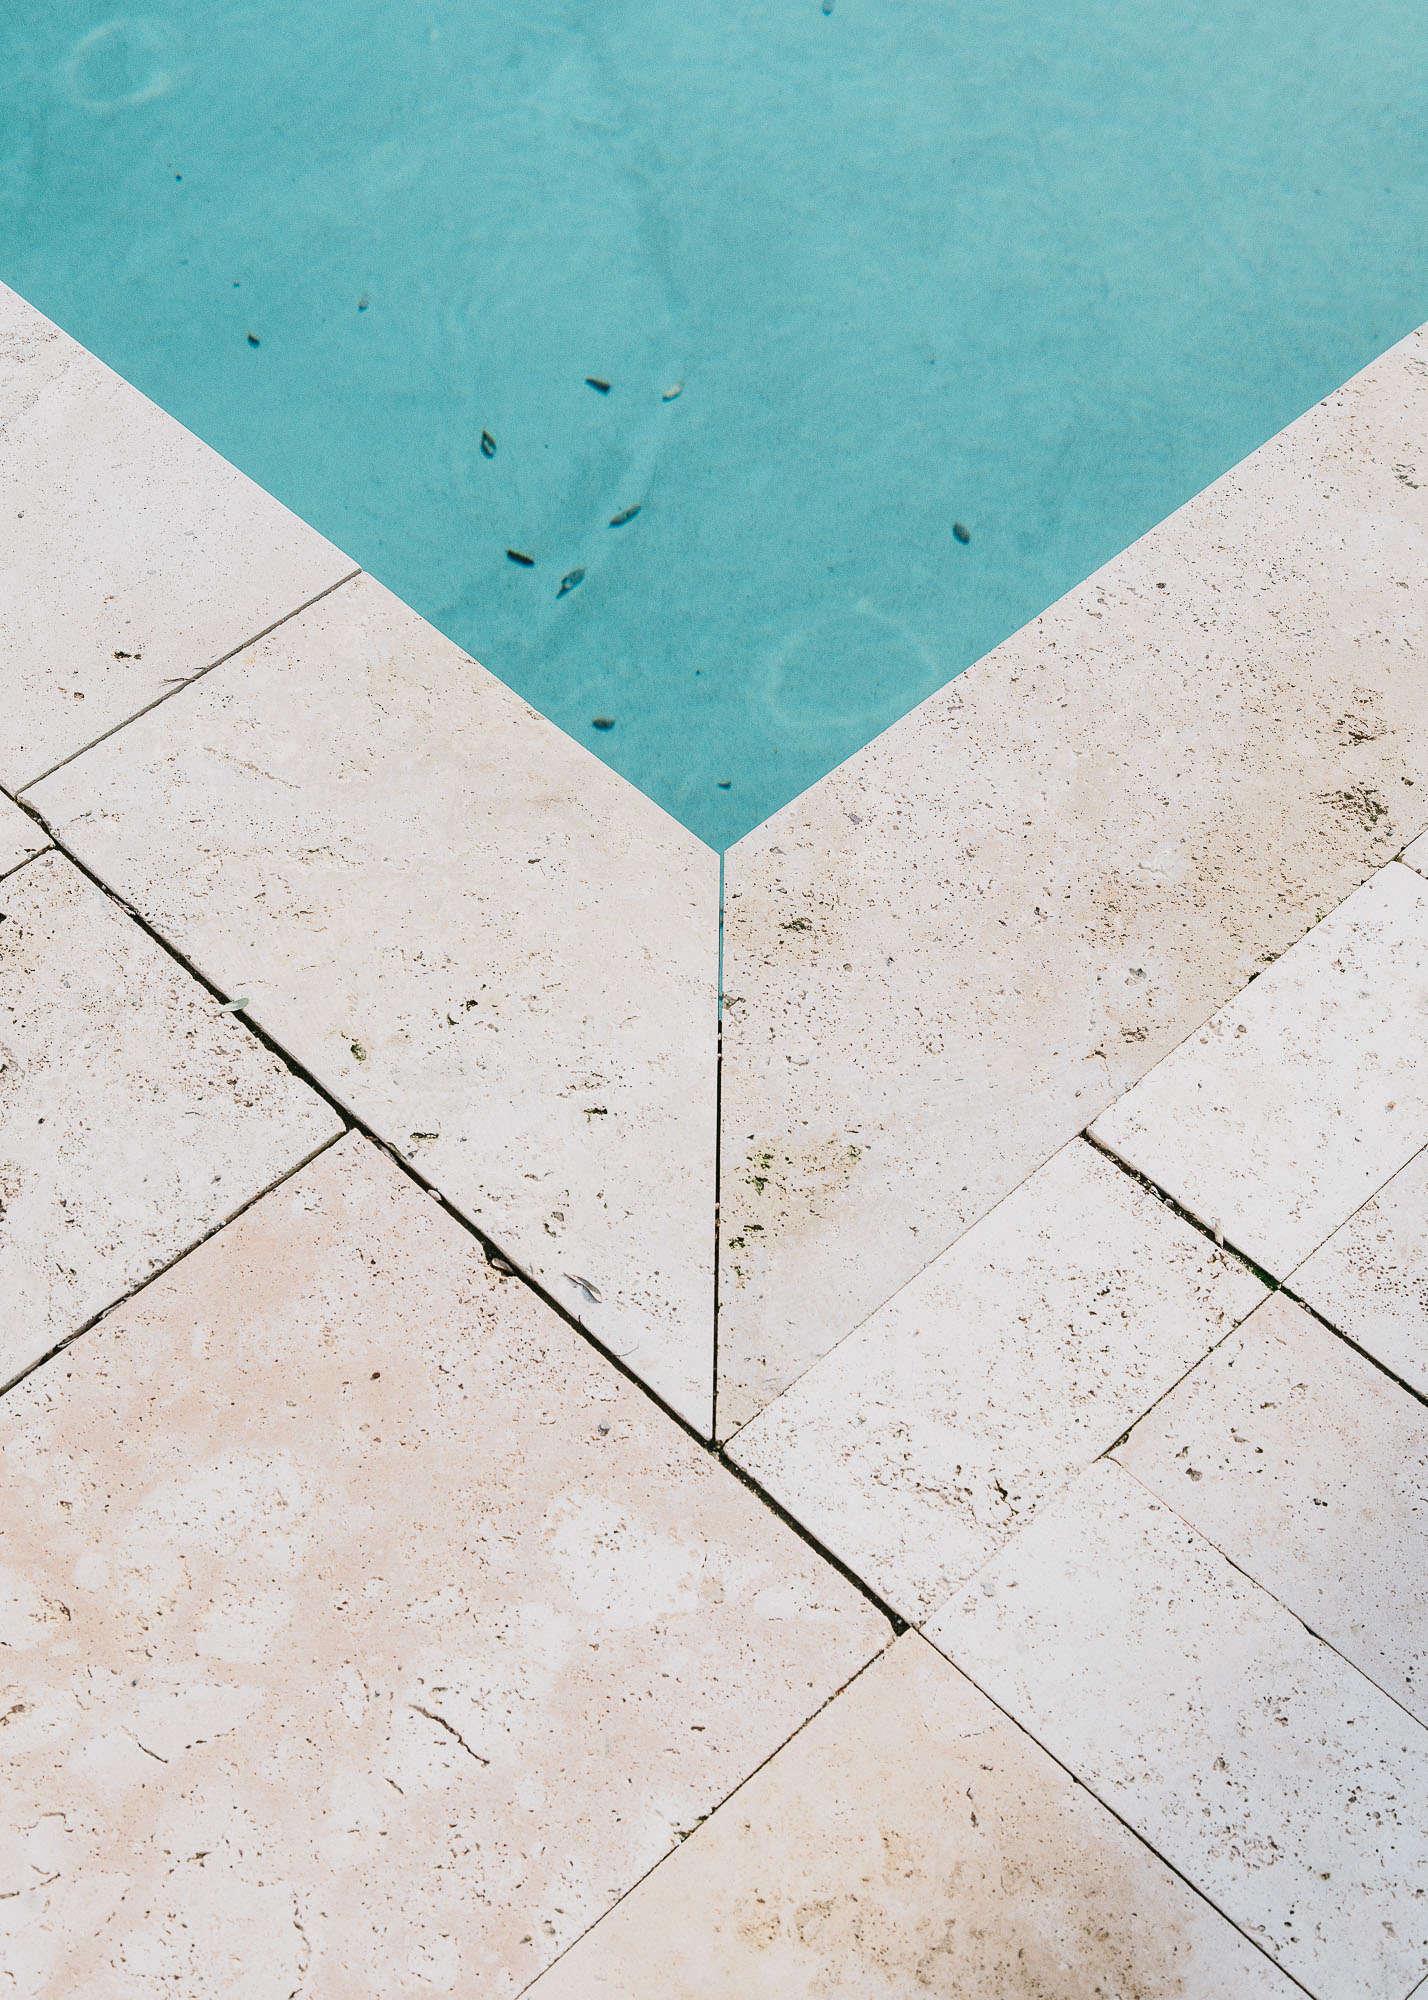 Castell-de-peratallada-pool-gardenista-9